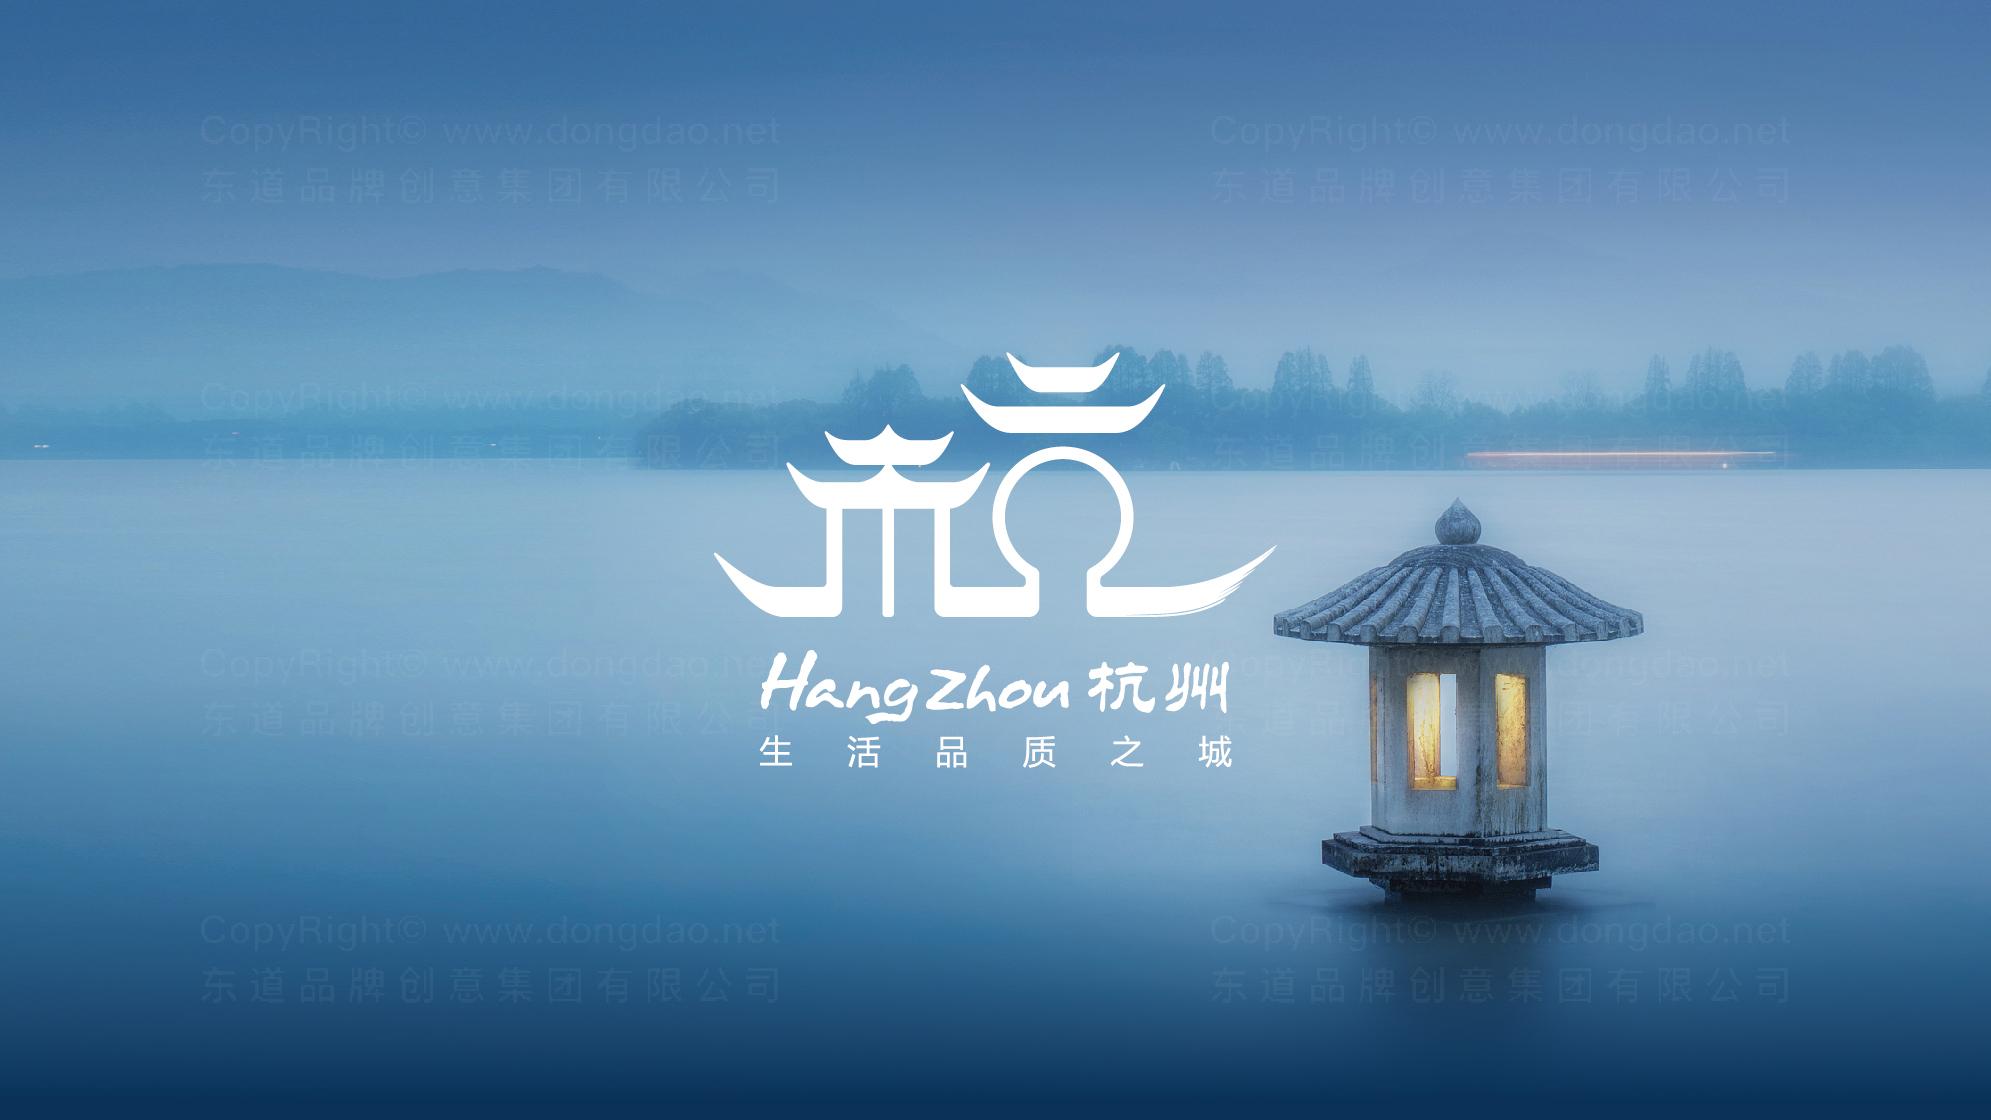 品牌设计案例杭州城LOGO&VI设计